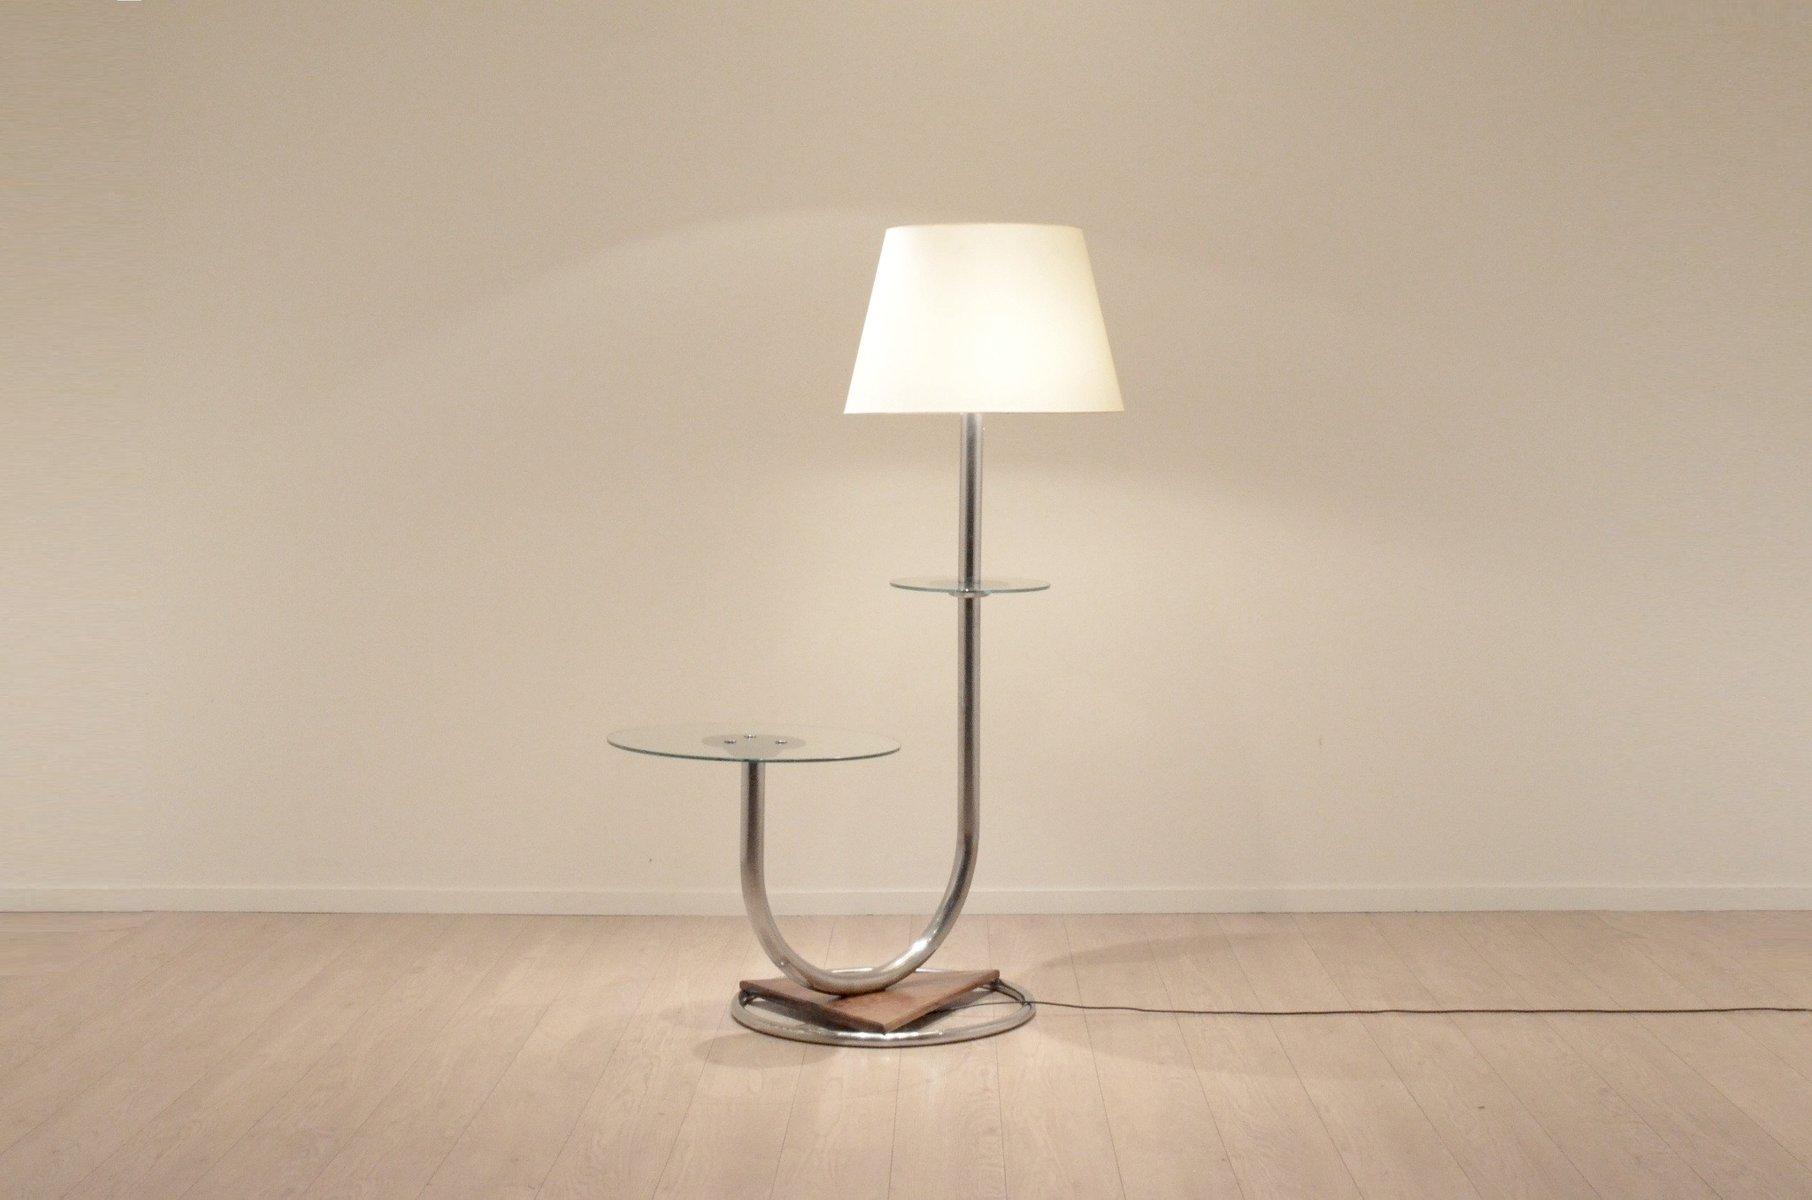 gro e art deco chrom walnuss stehlampe mit beistelltisch bei pamono kaufen. Black Bedroom Furniture Sets. Home Design Ideas